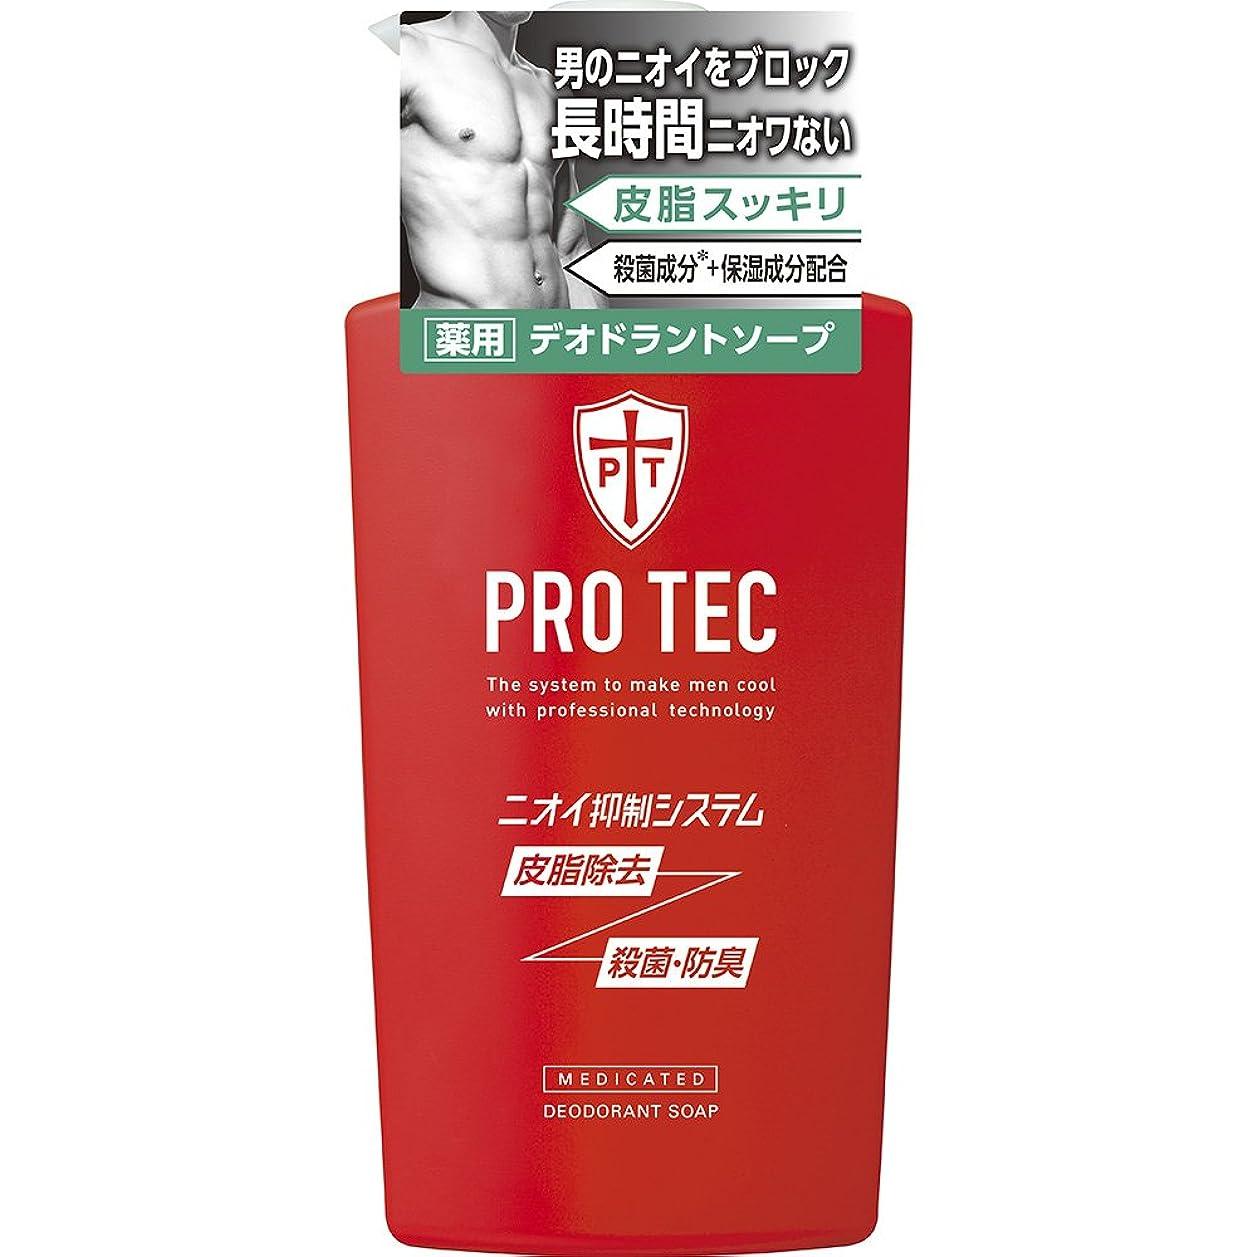 ブリークミルク認可PRO TEC(プロテク) デオドラントソープ 本体ポンプ 420ml